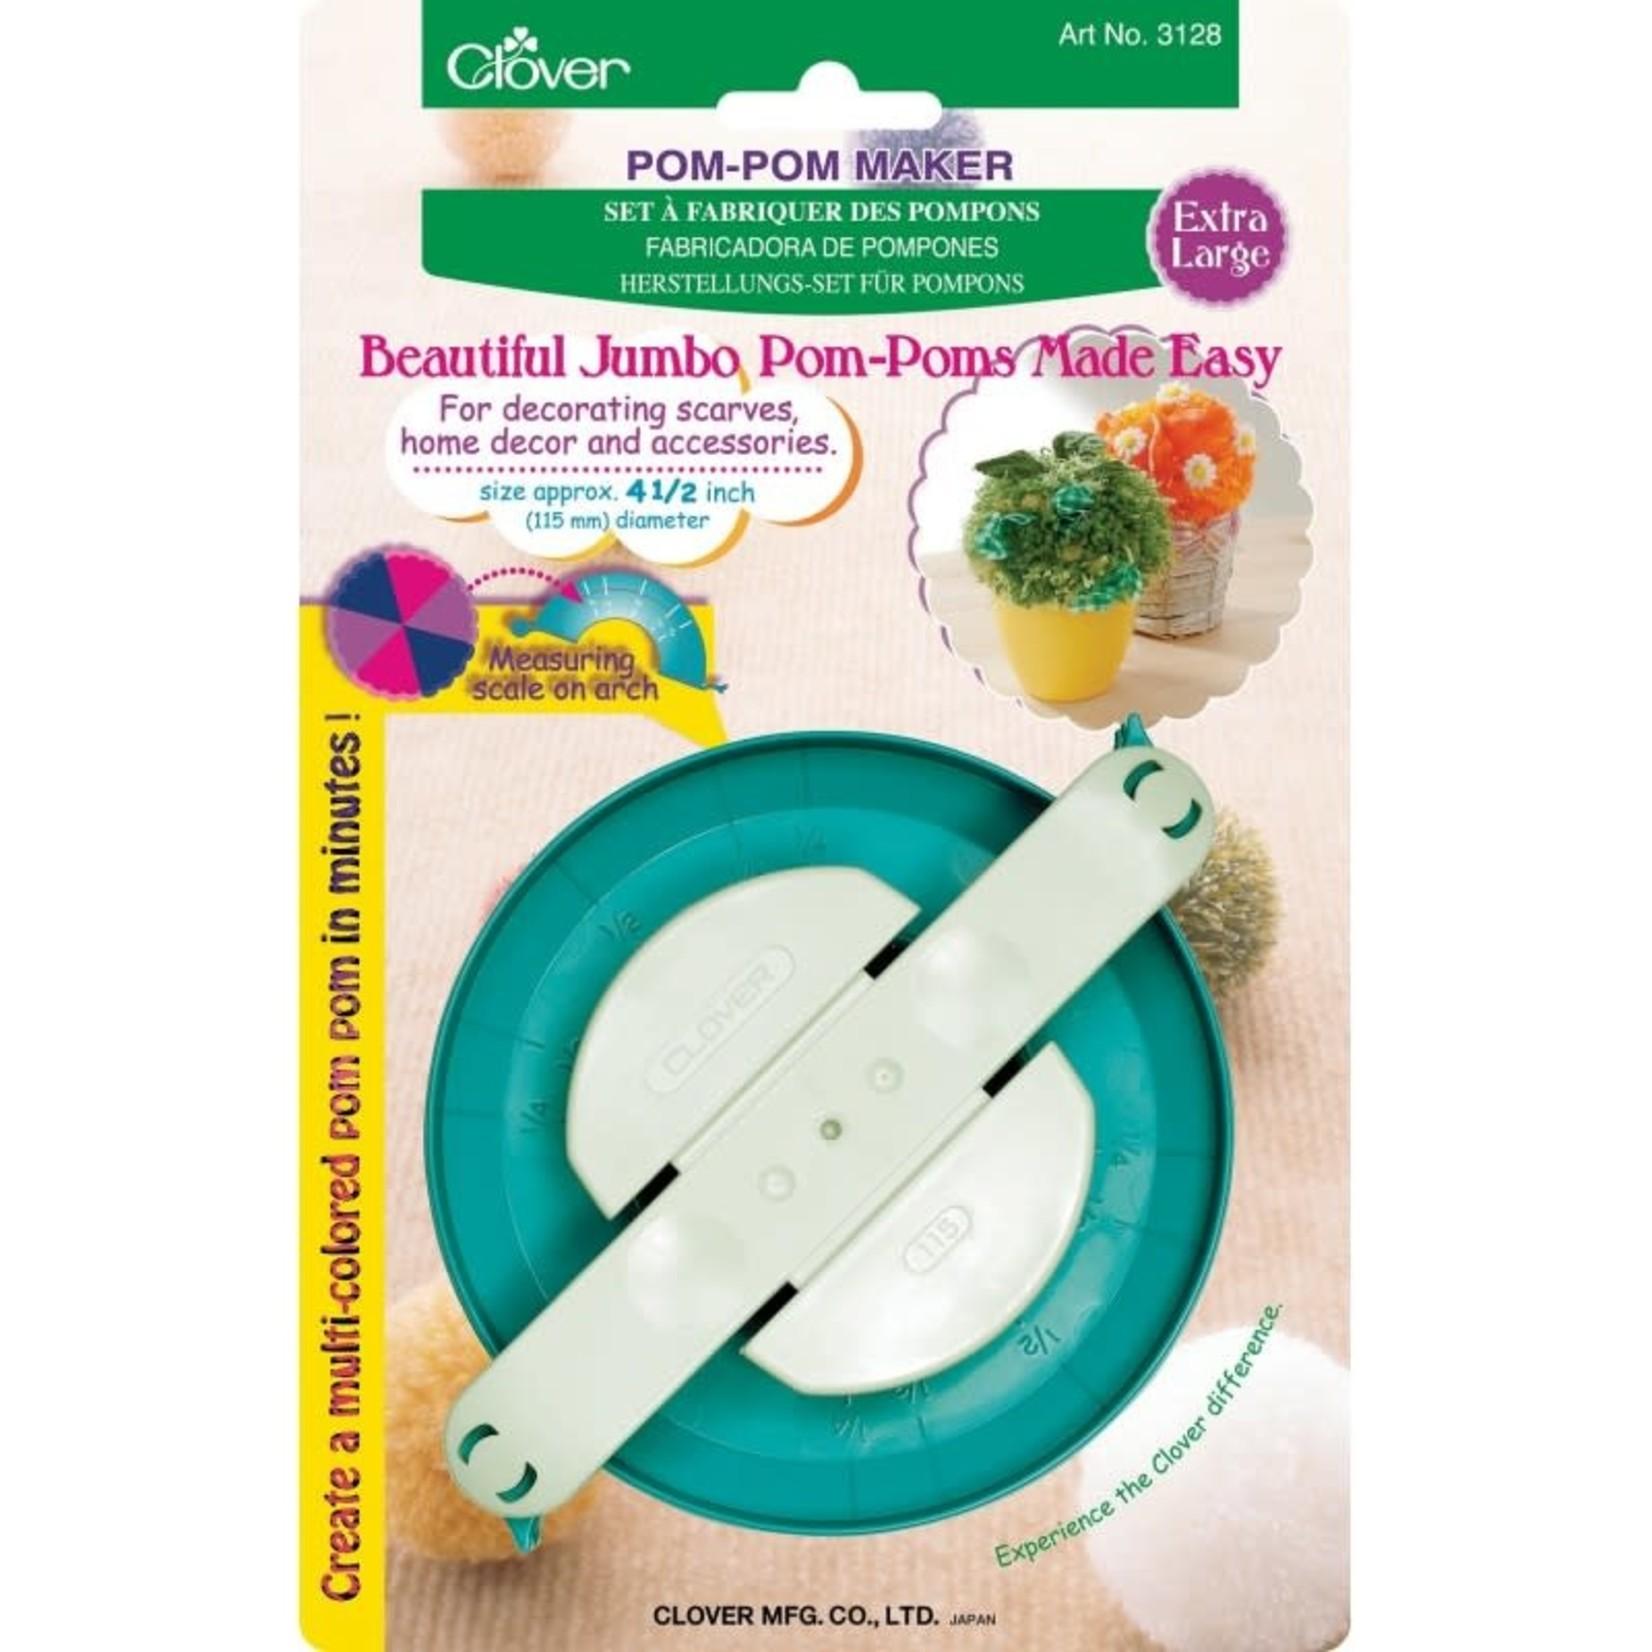 Clover Clover Pom-Pom Maker Jumbo